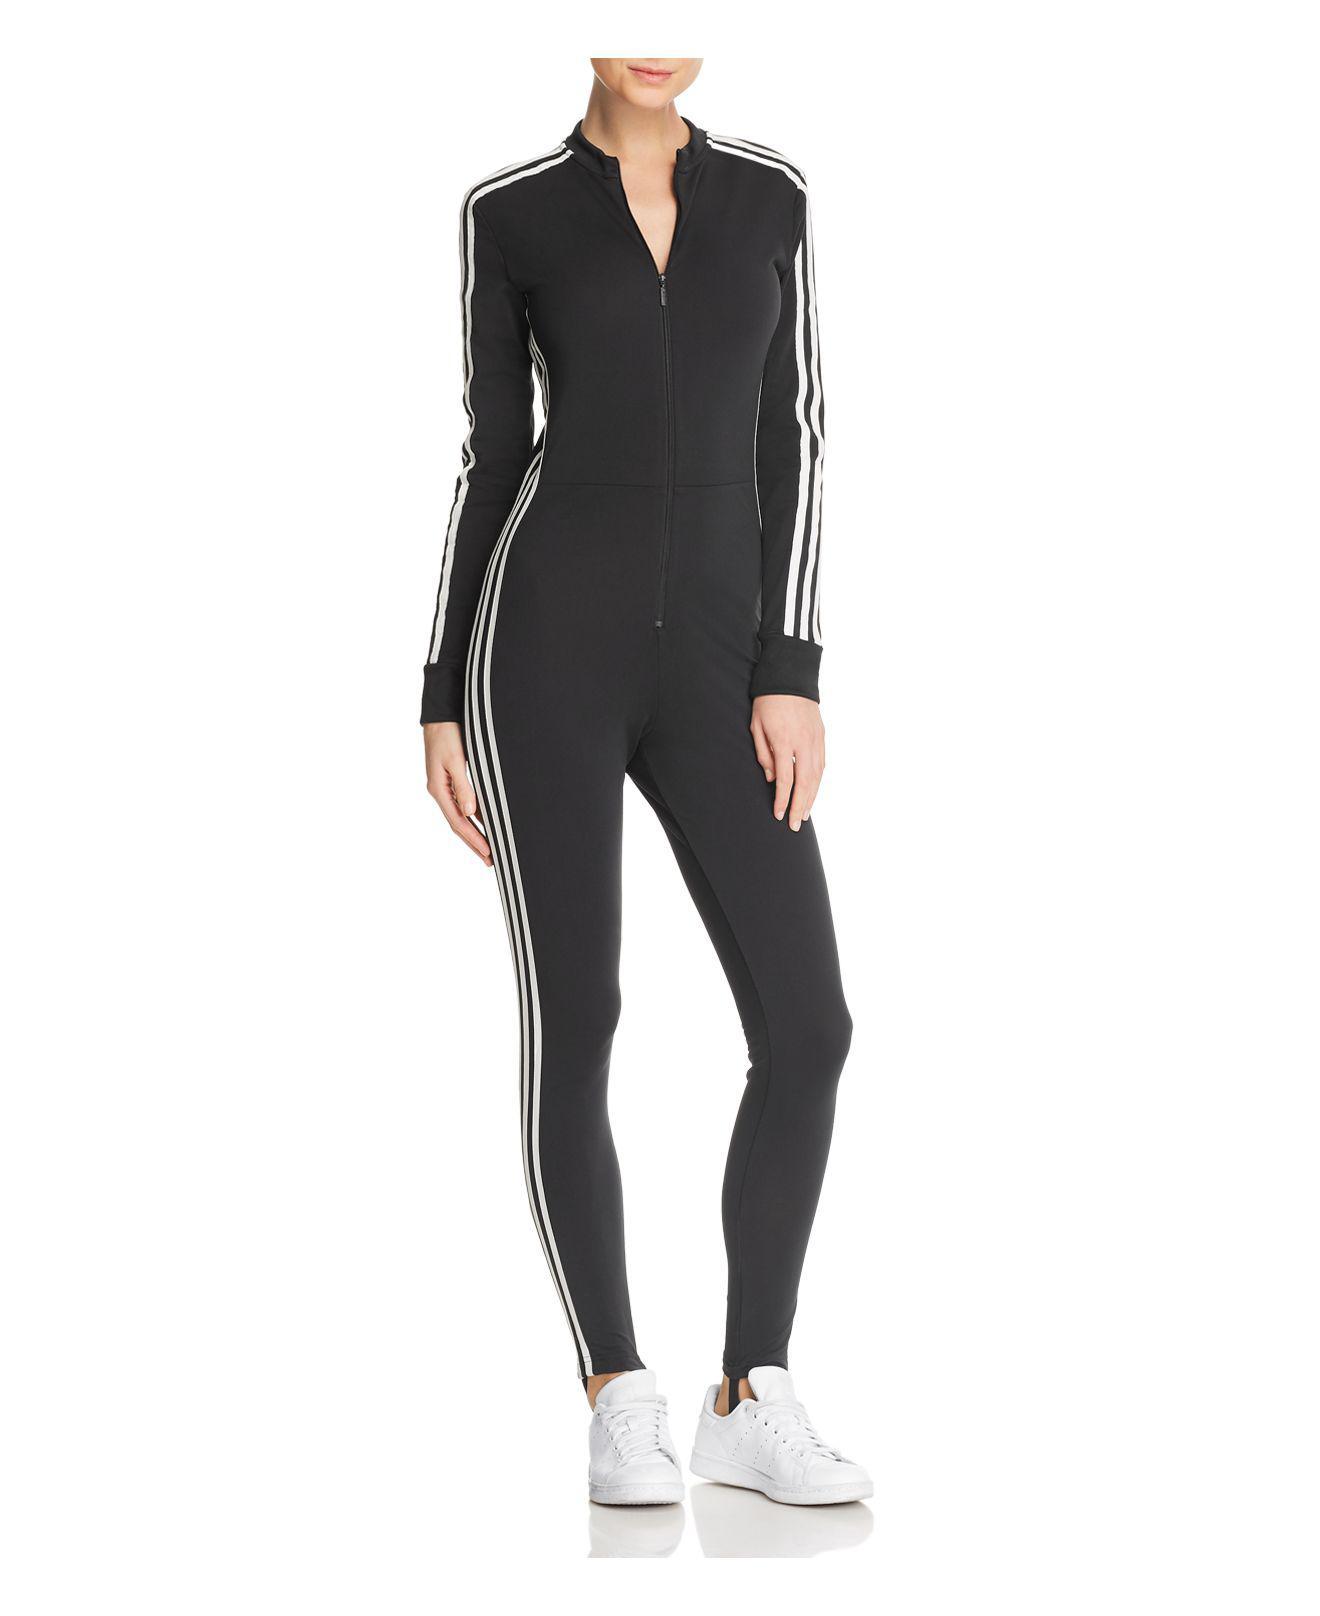 f50fa13c3e0 adidas Originals Adicolor Jumpsuit in Black - Lyst